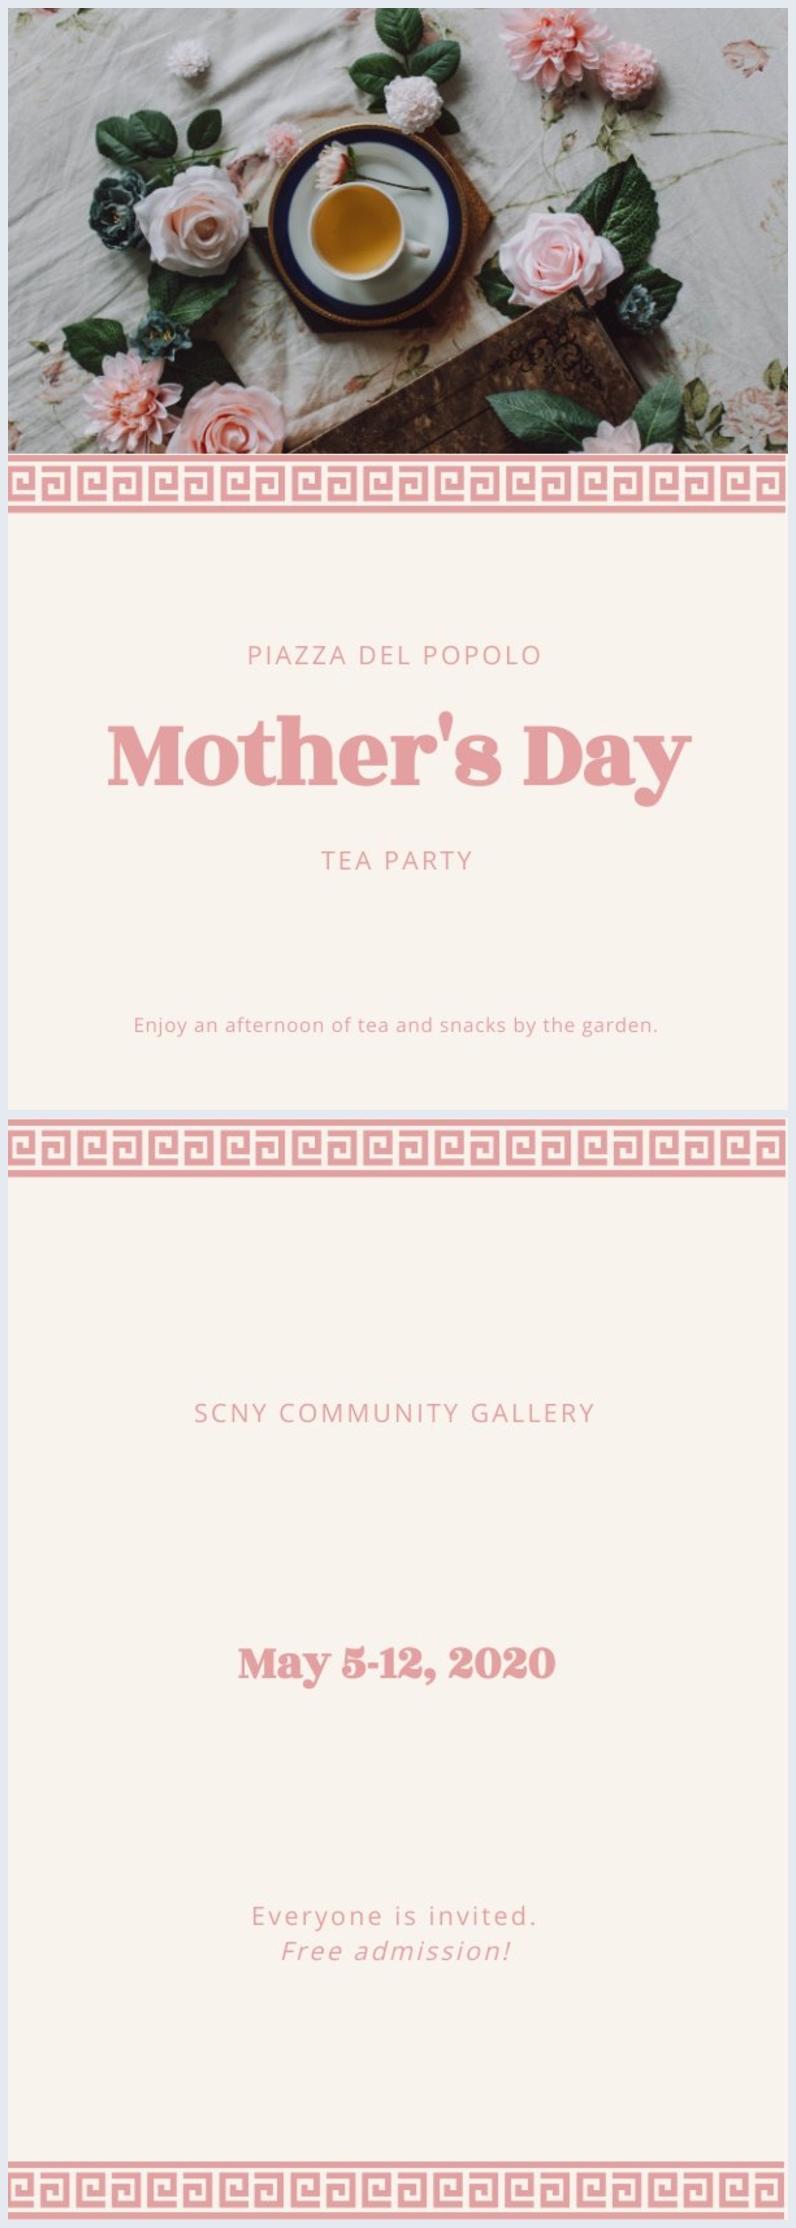 Diseño elegante para invitación a tomar el té el Día de la madre